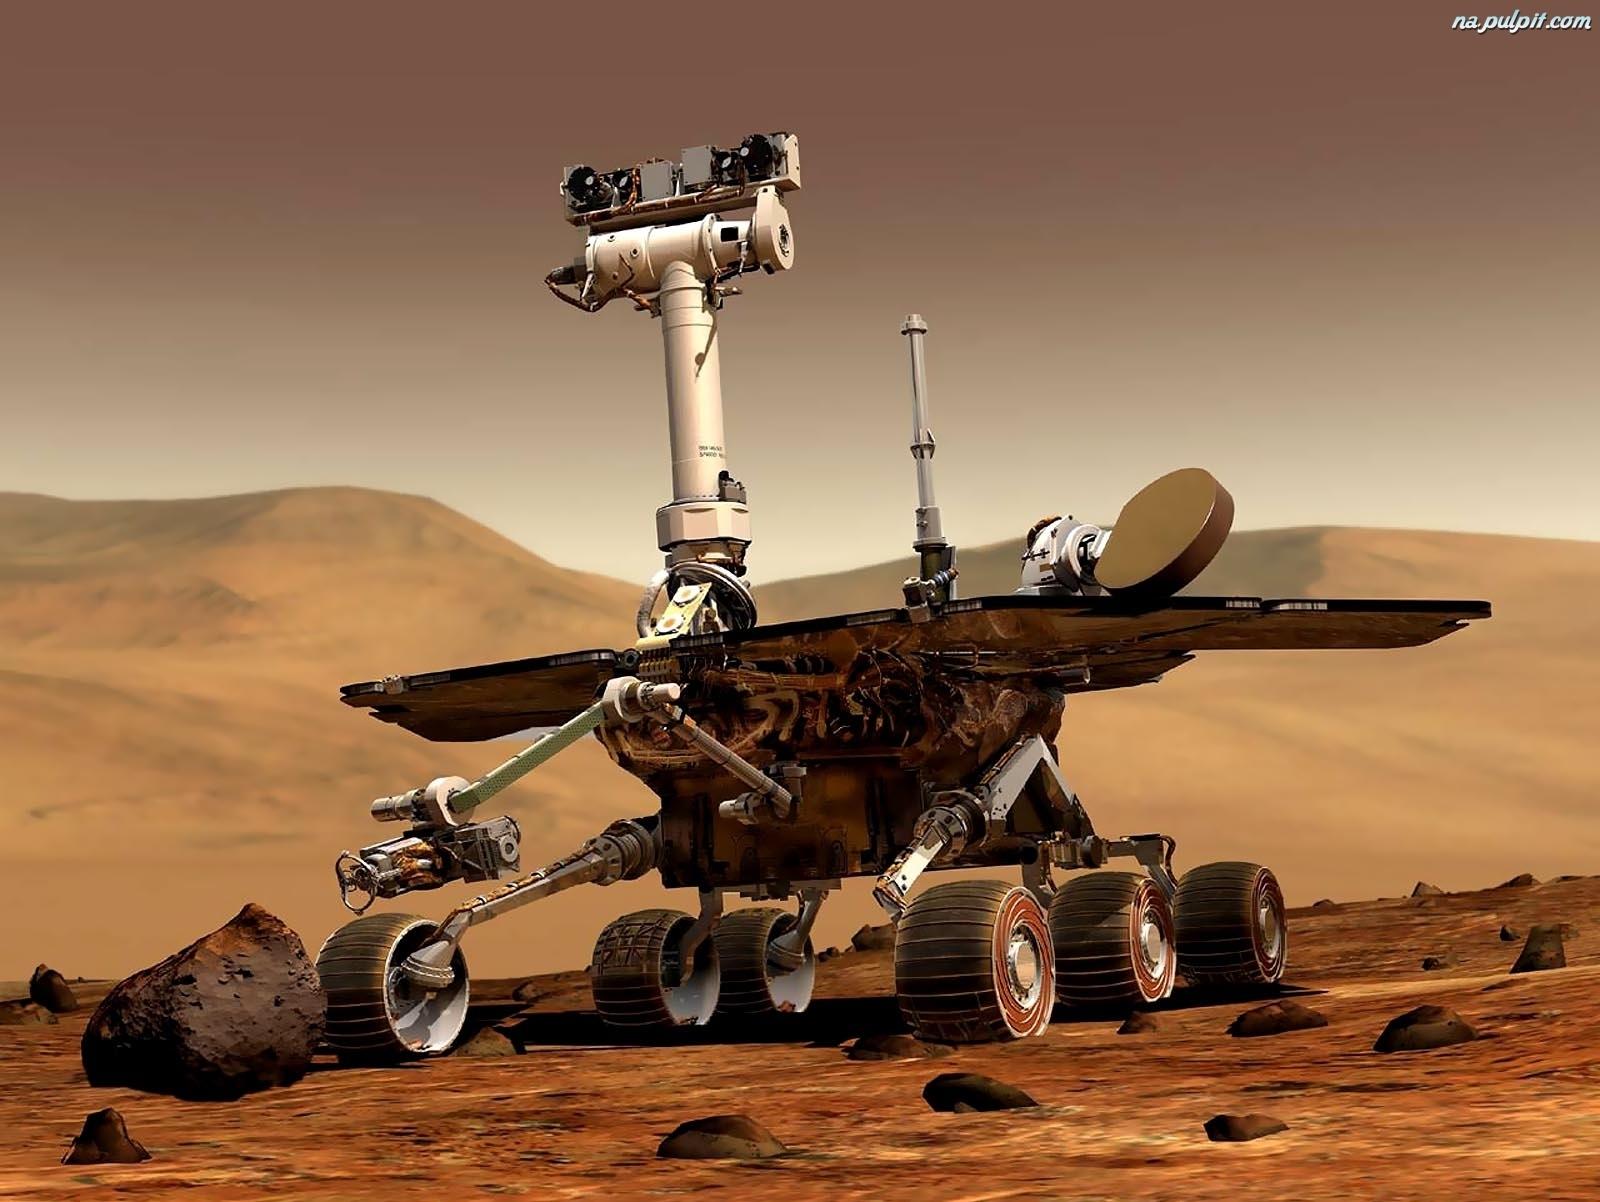 Kosmos, Mars, Rover, Robot Na Pulpit